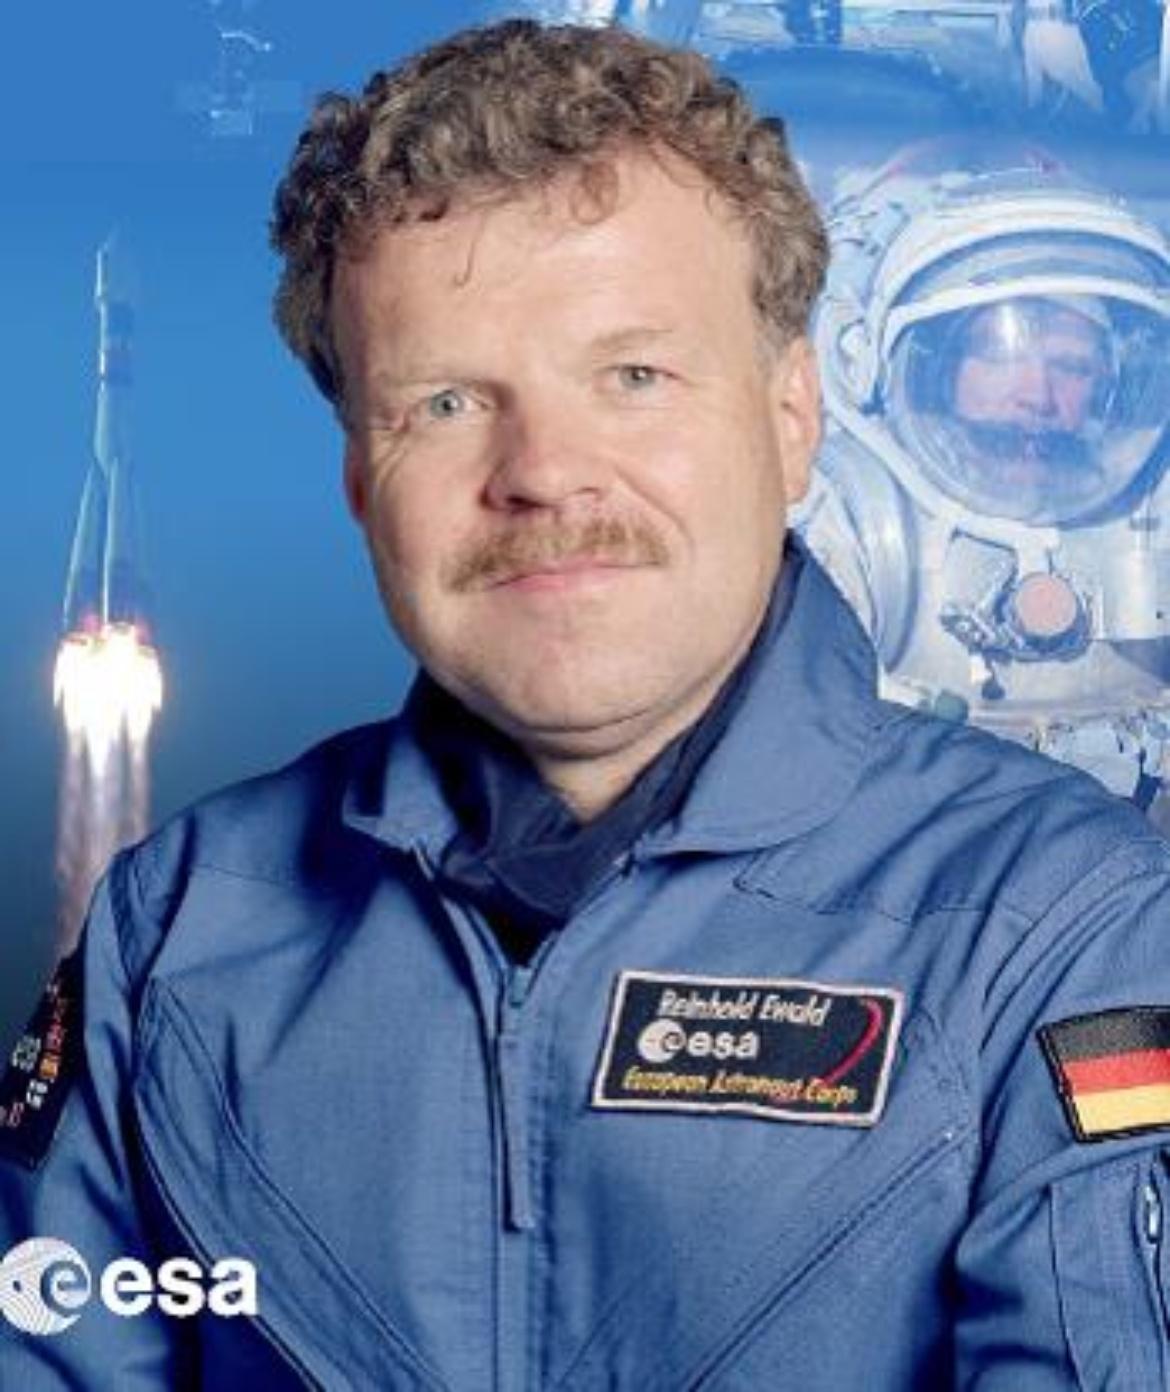 Abteilungsleiter Prof. Reinhold Ewald